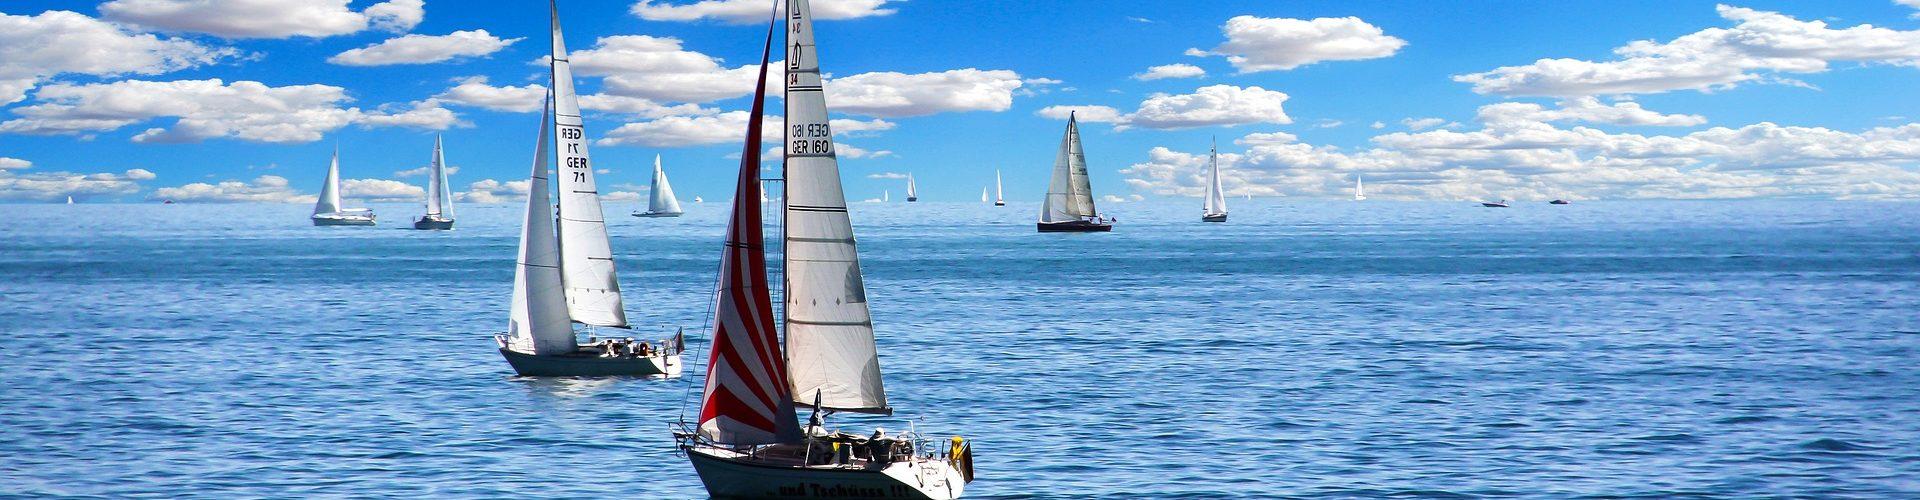 segeln lernen in Unna segelschein machen in Unna 1920x500 - Segeln lernen in Unna